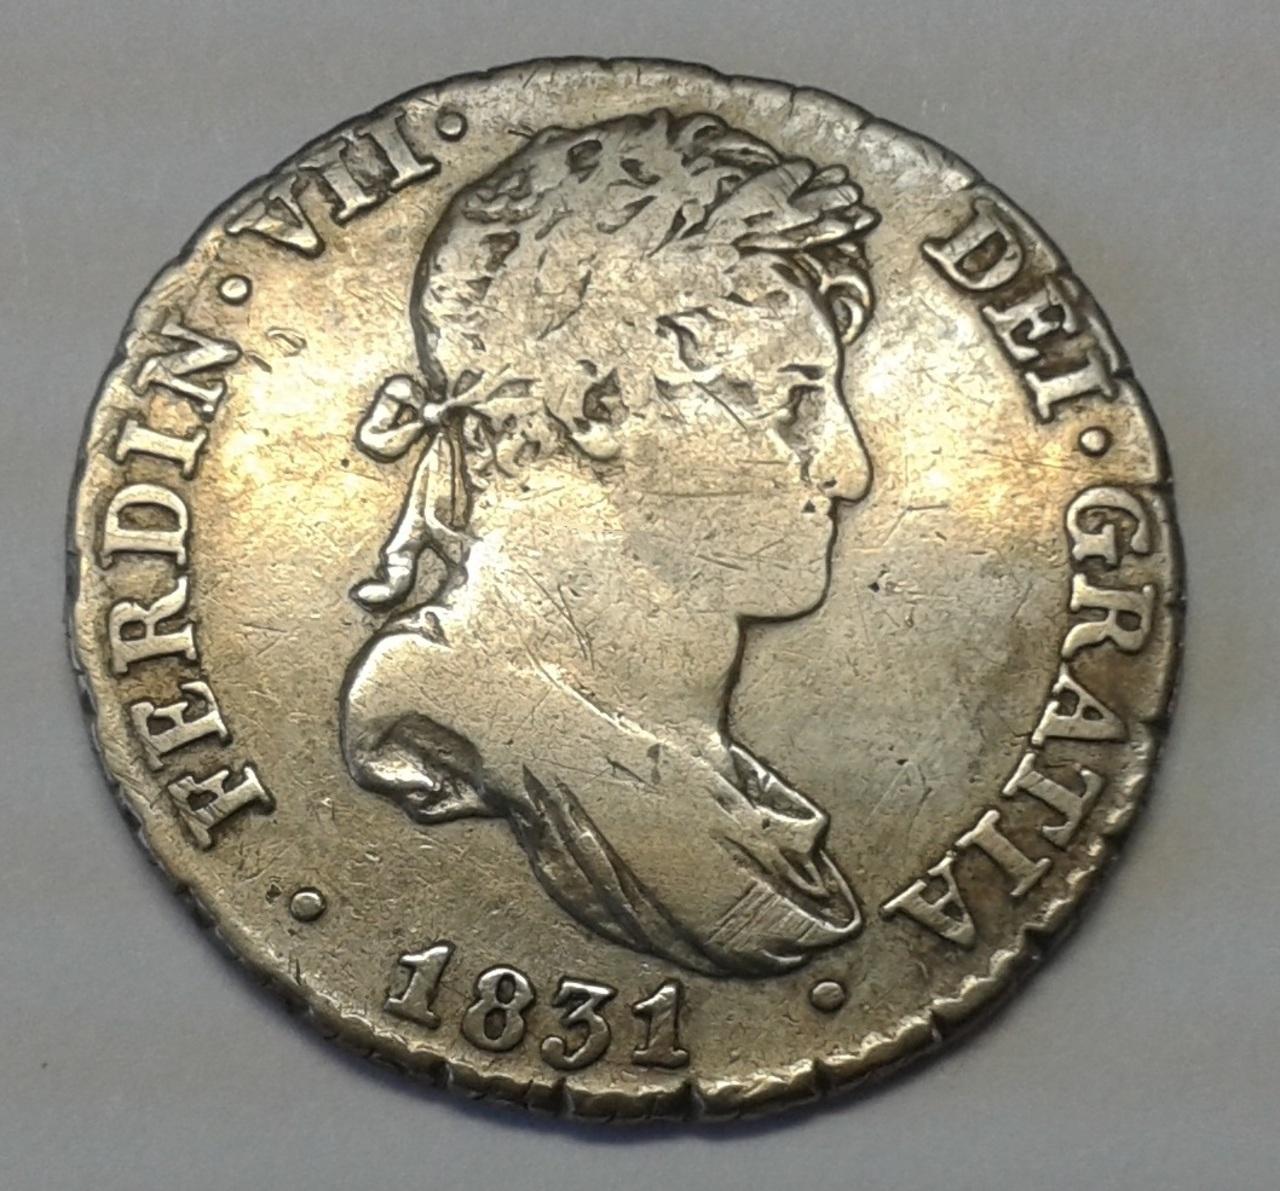 1 Real 1831 - Fernando VII 20141025_140453